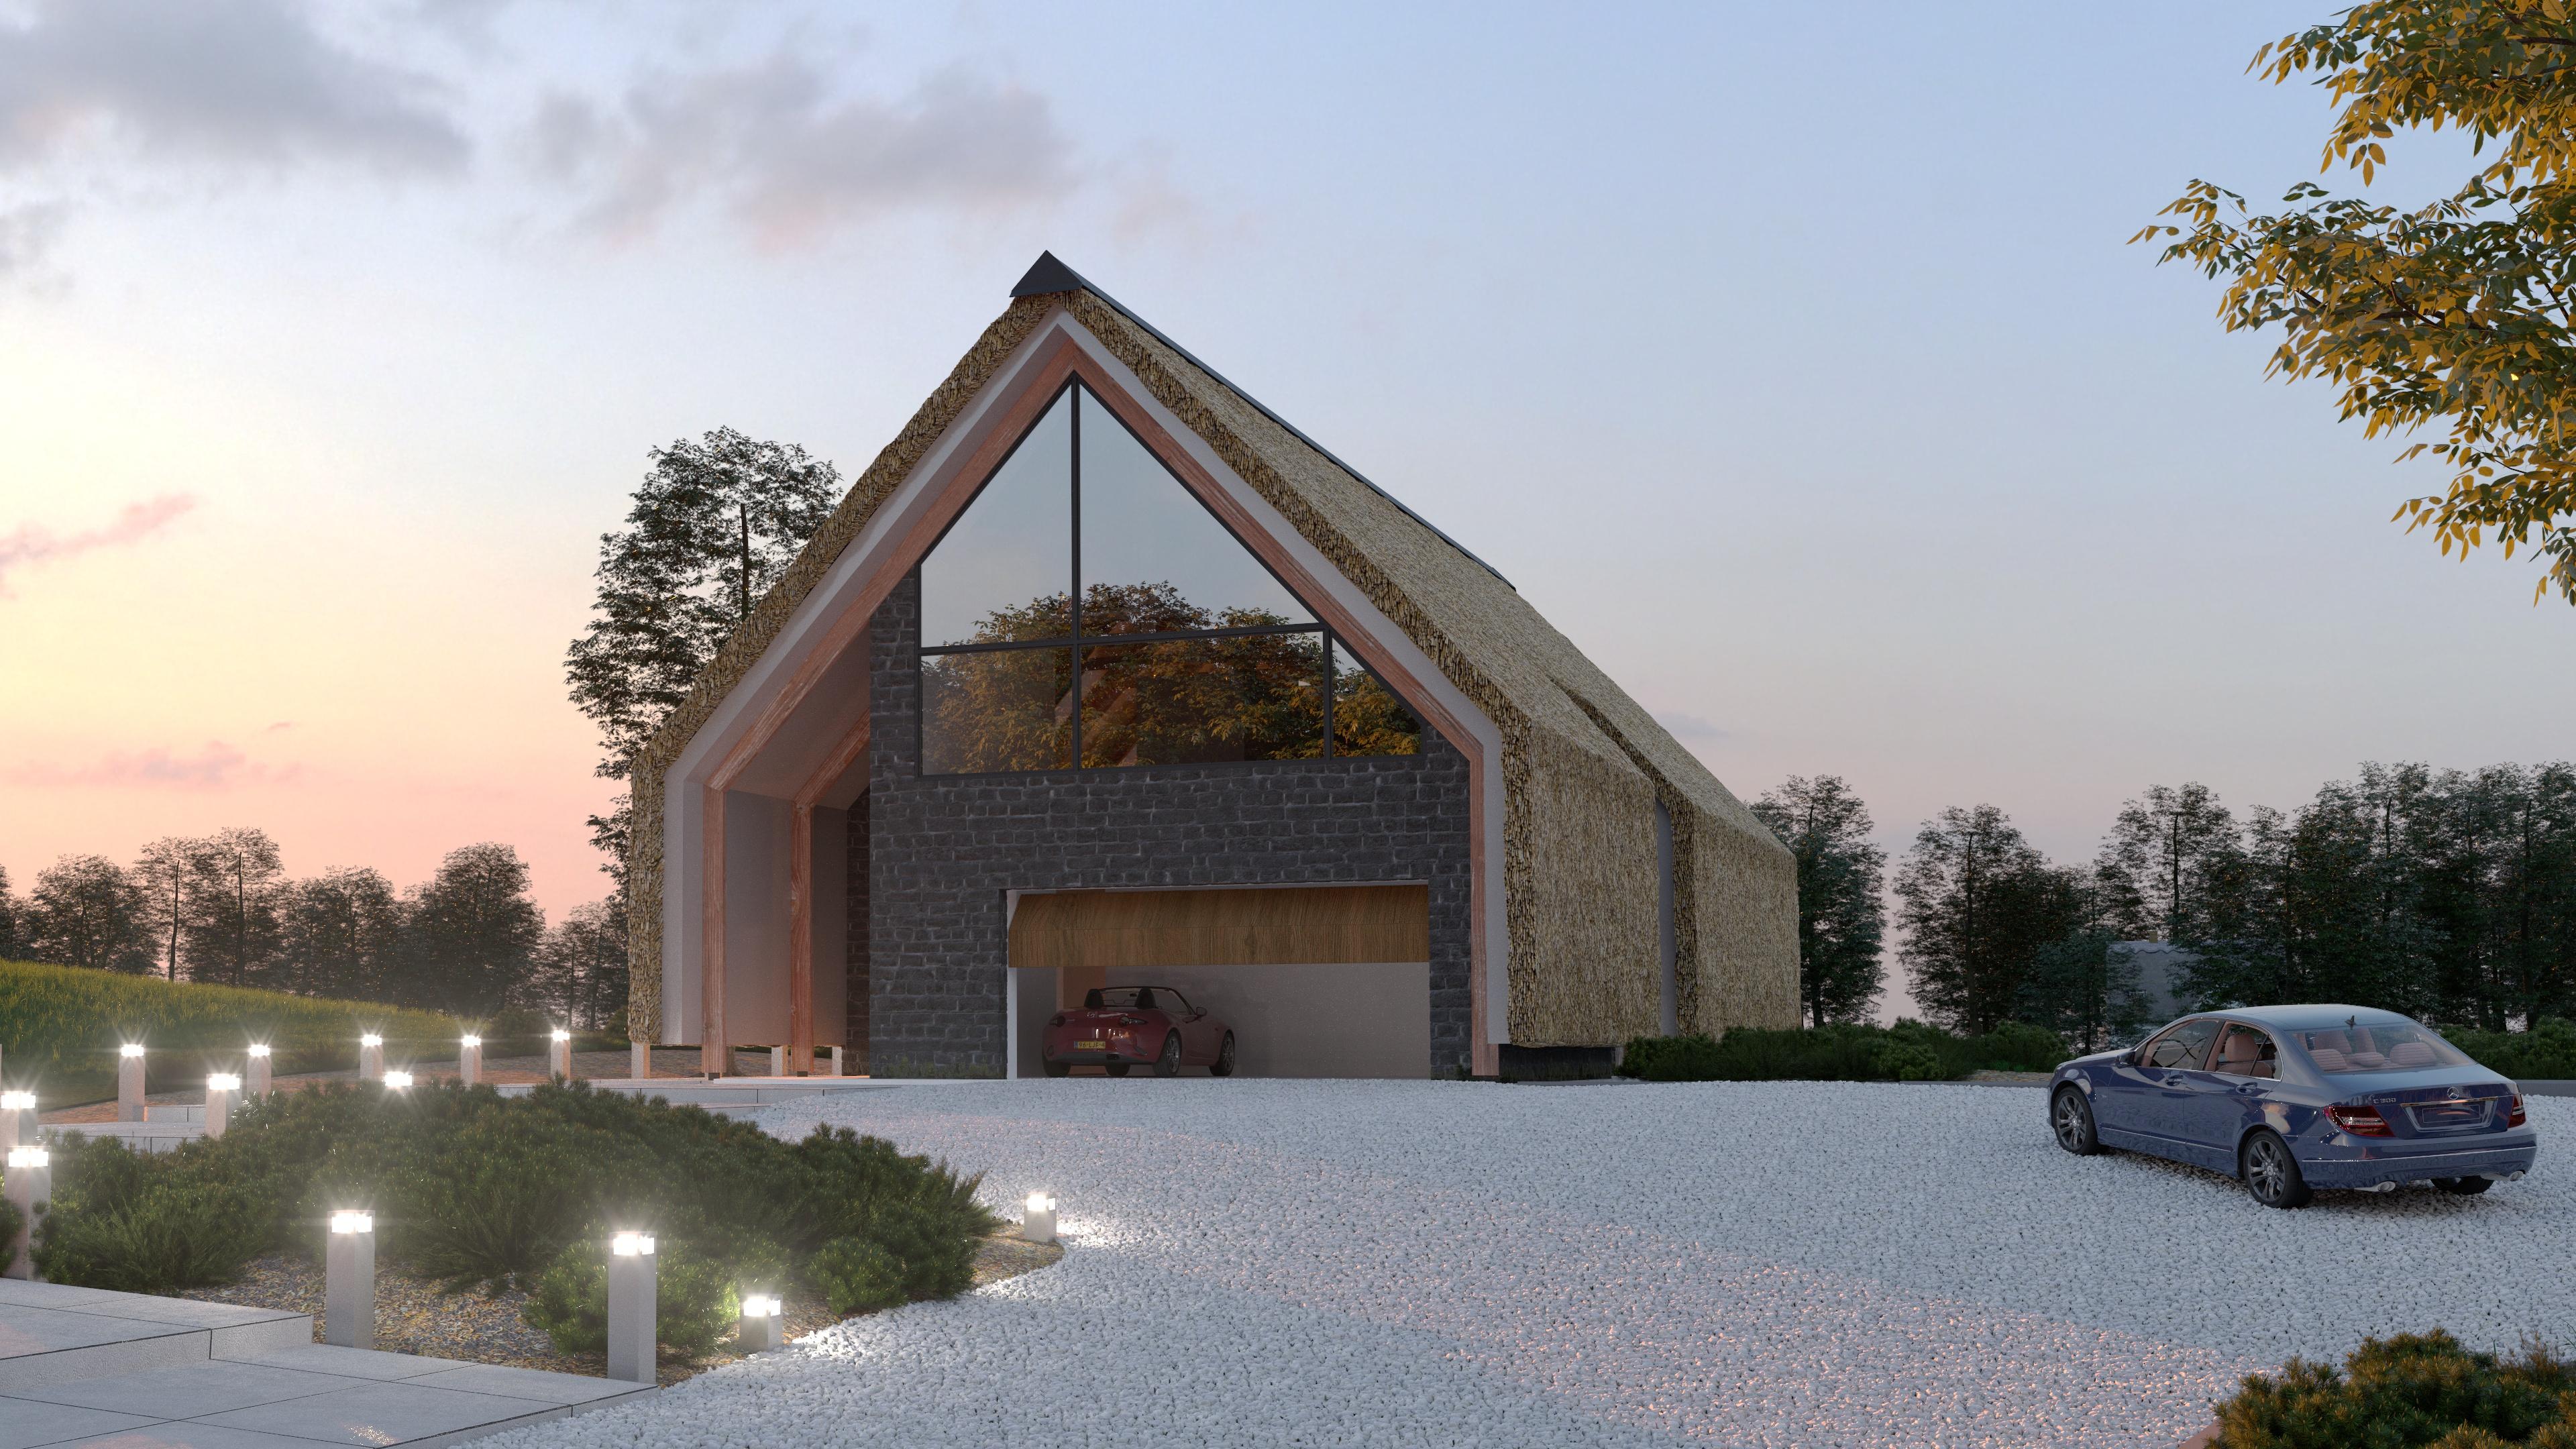 Moderne Schuurwoning Met Rieten Dak Azr Studio